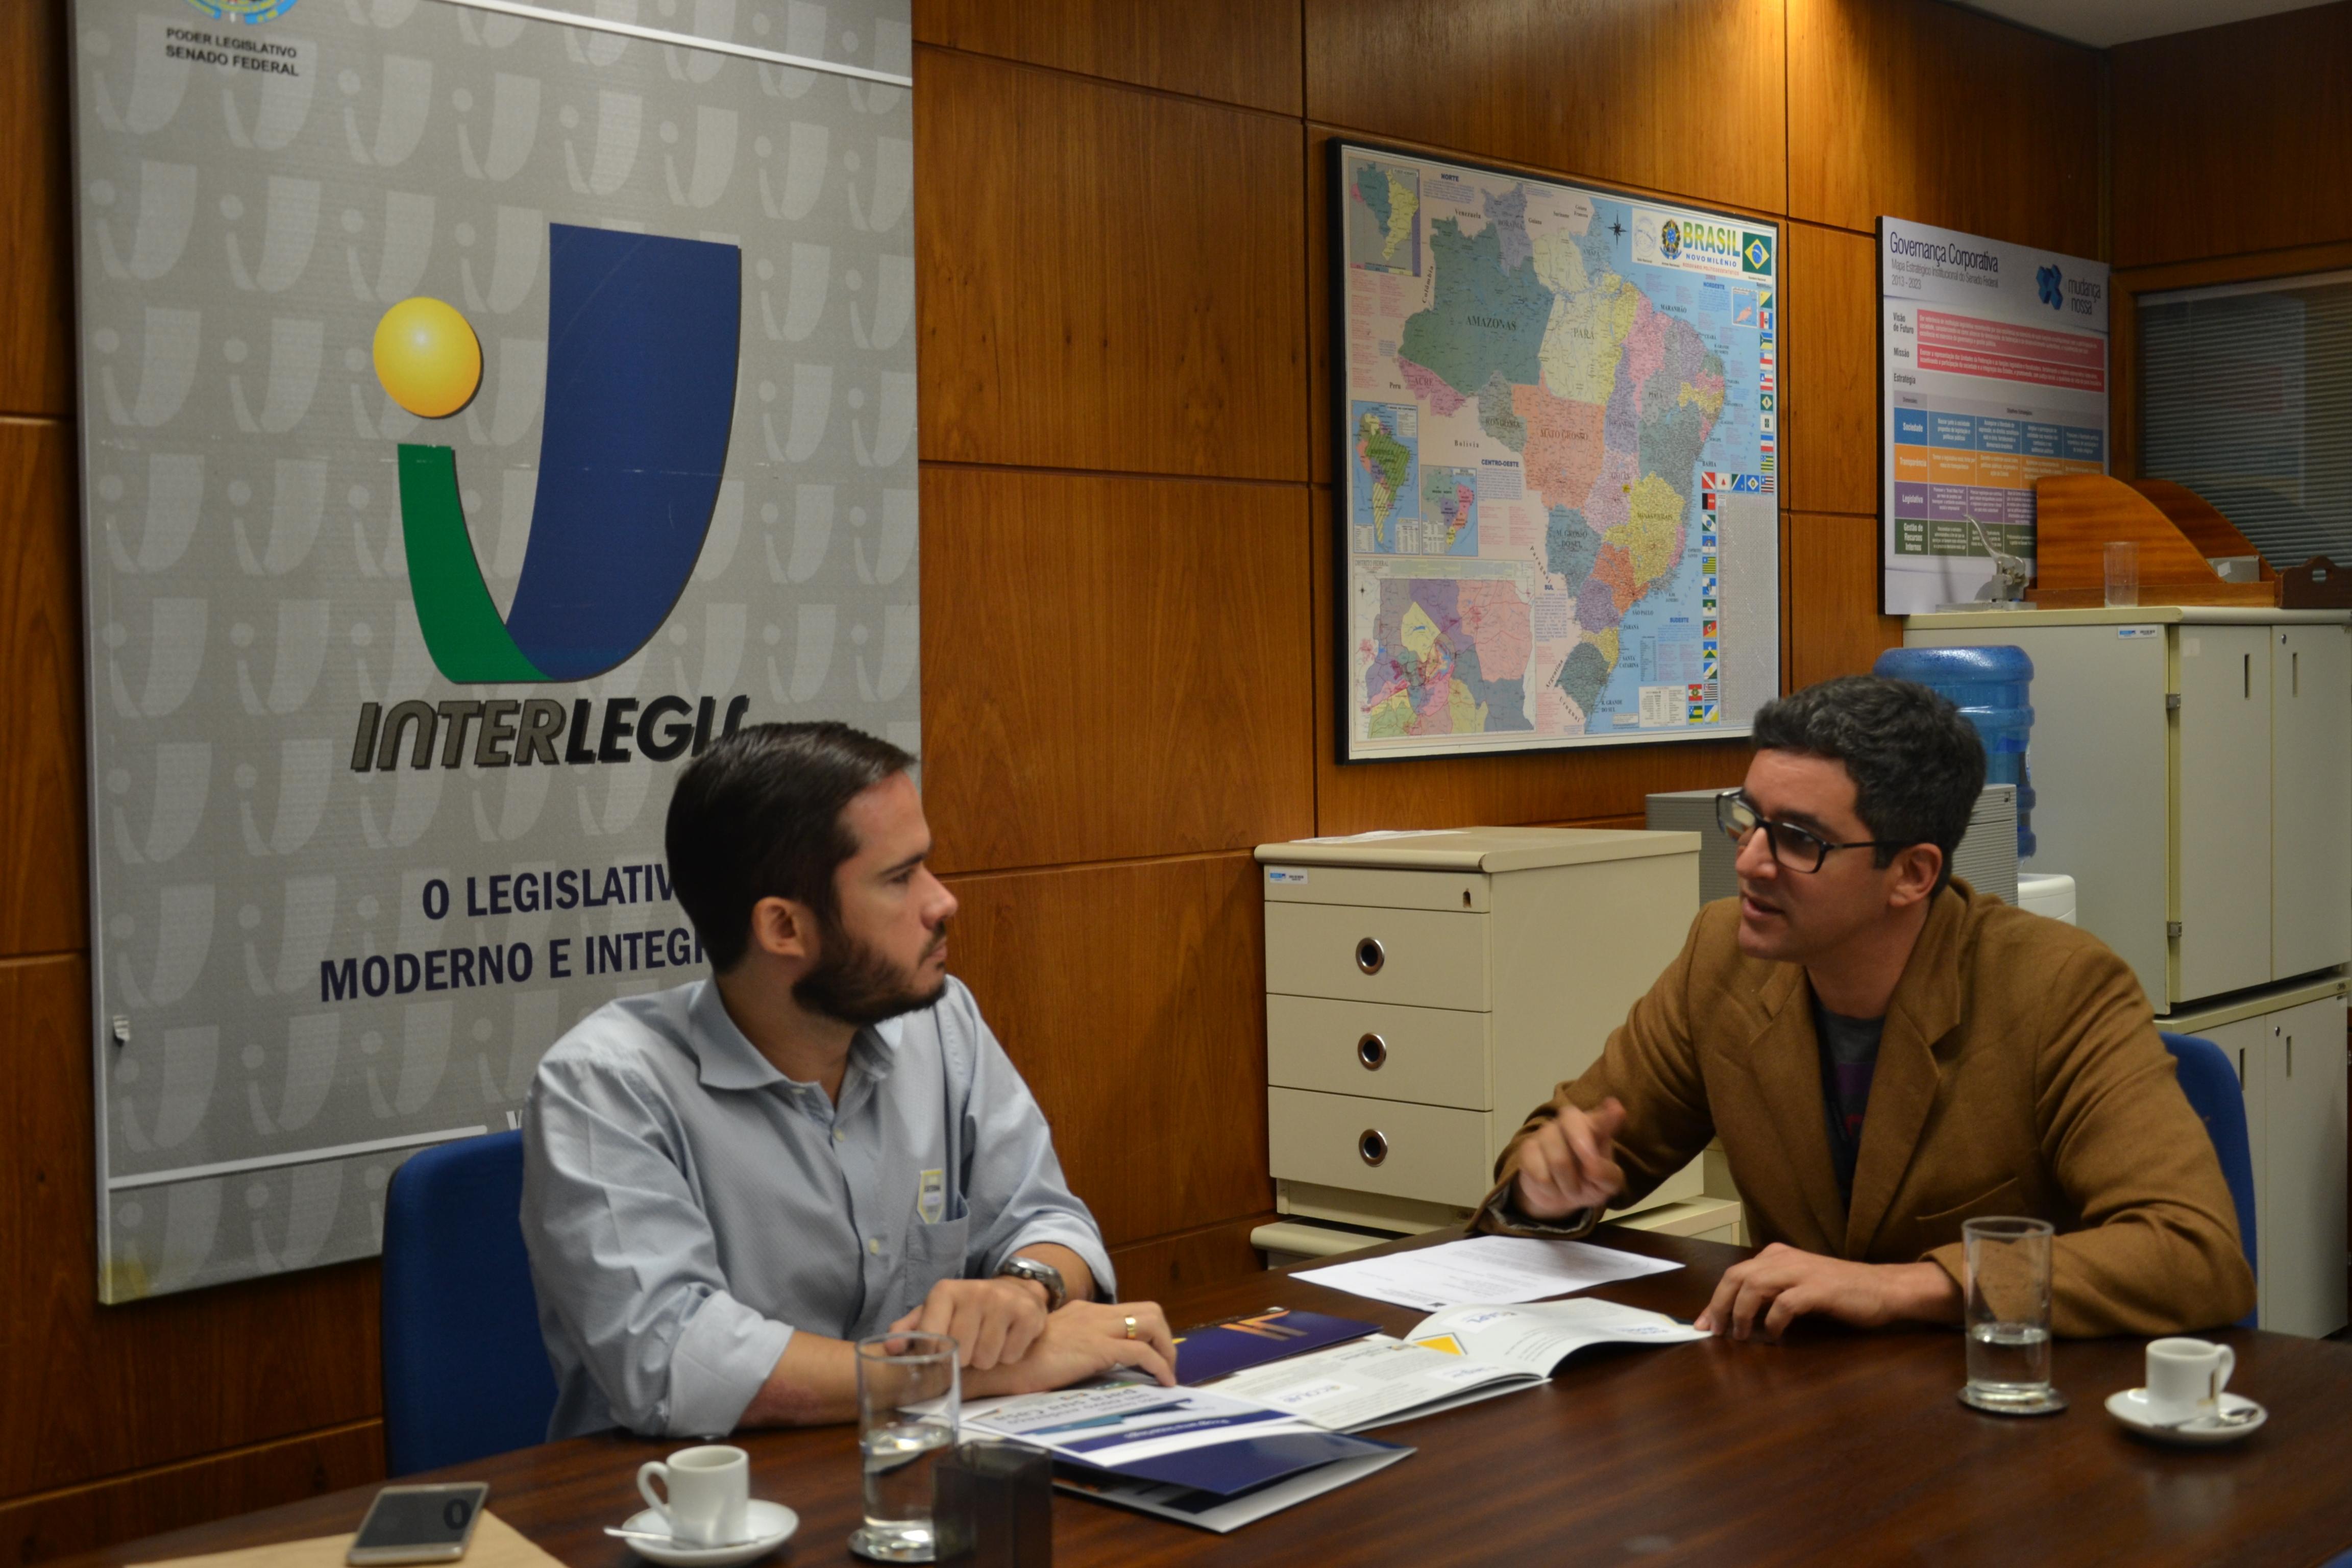 Diretor da Escola Legislativa da Câmara de Cuiabá visita o Interlegis